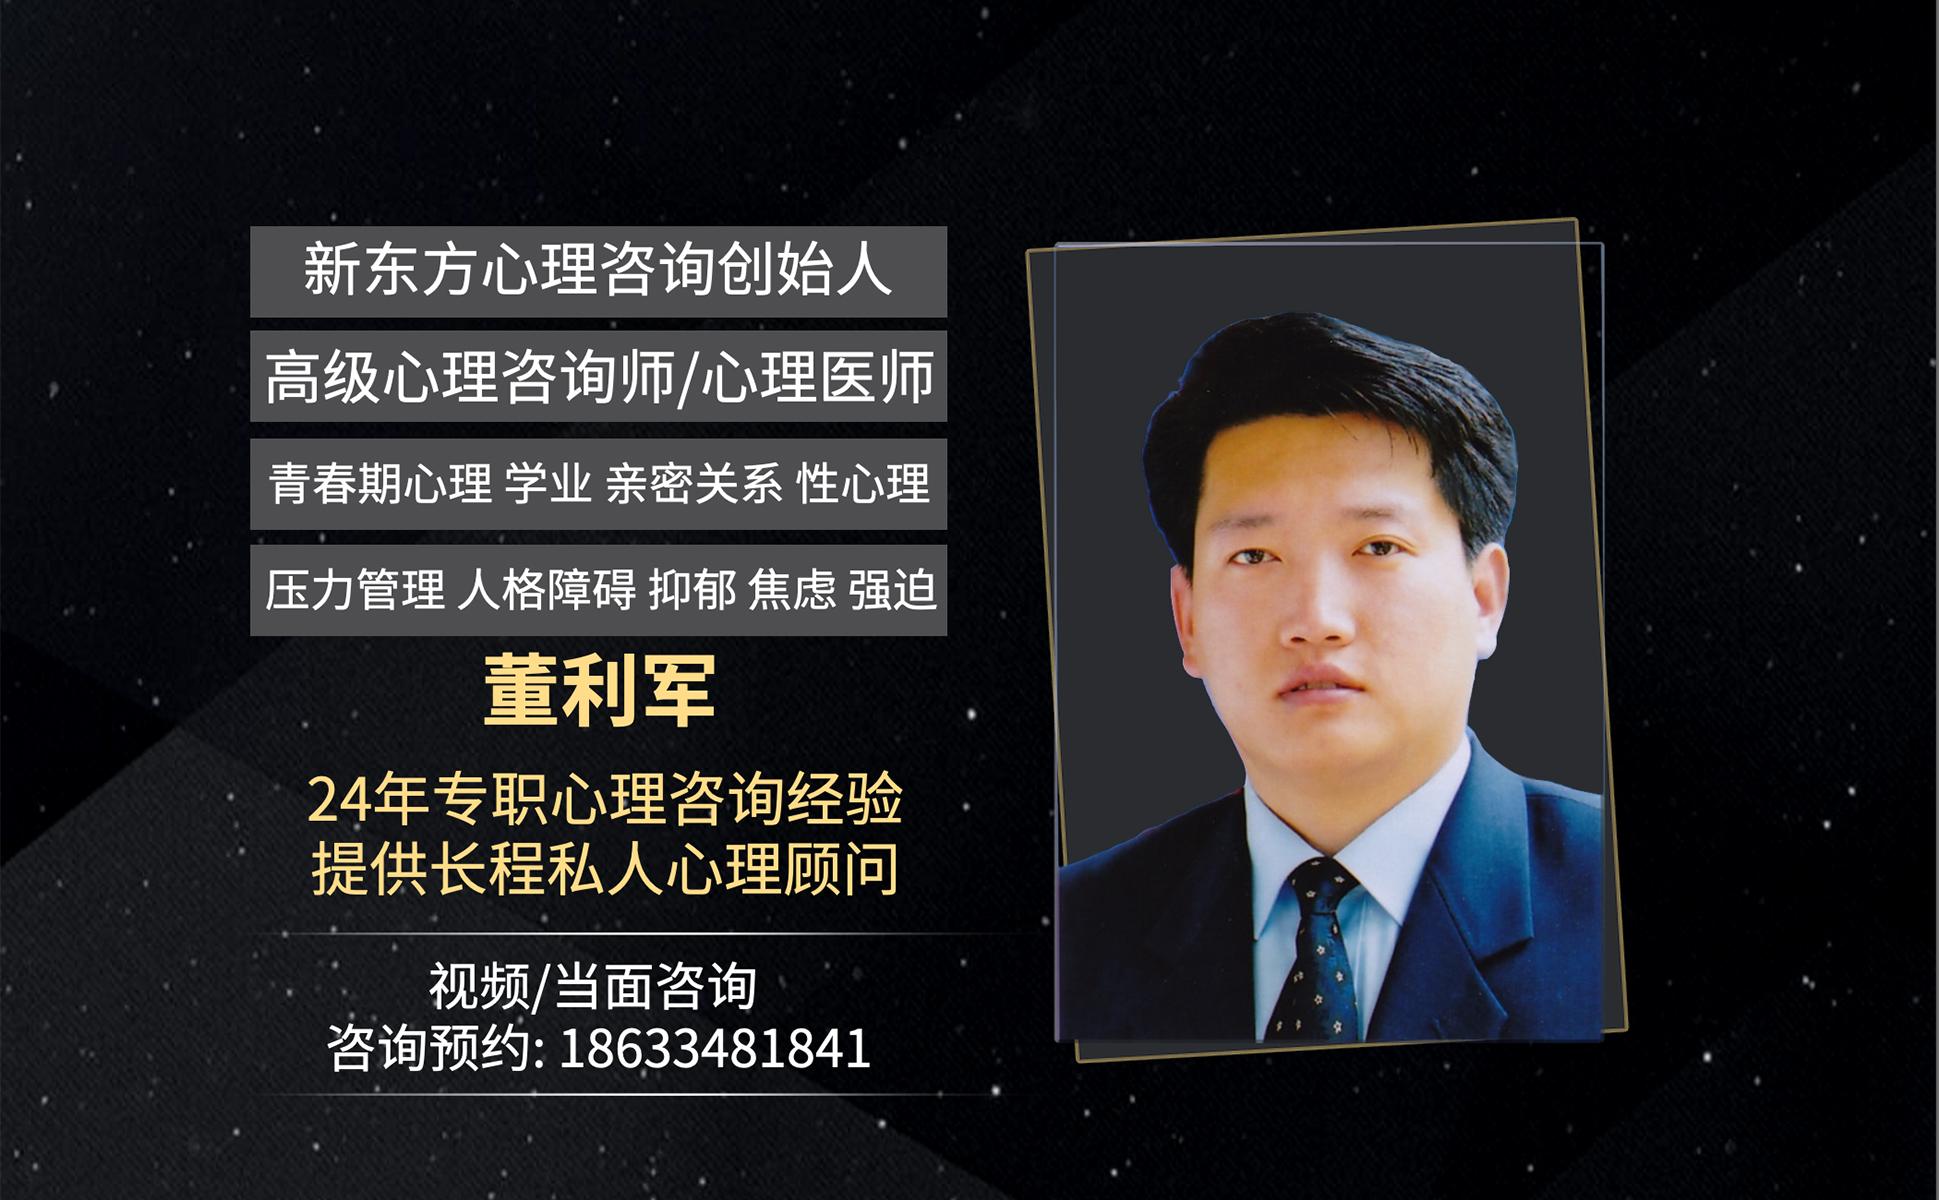 石家庄心理咨询专家董利军简介